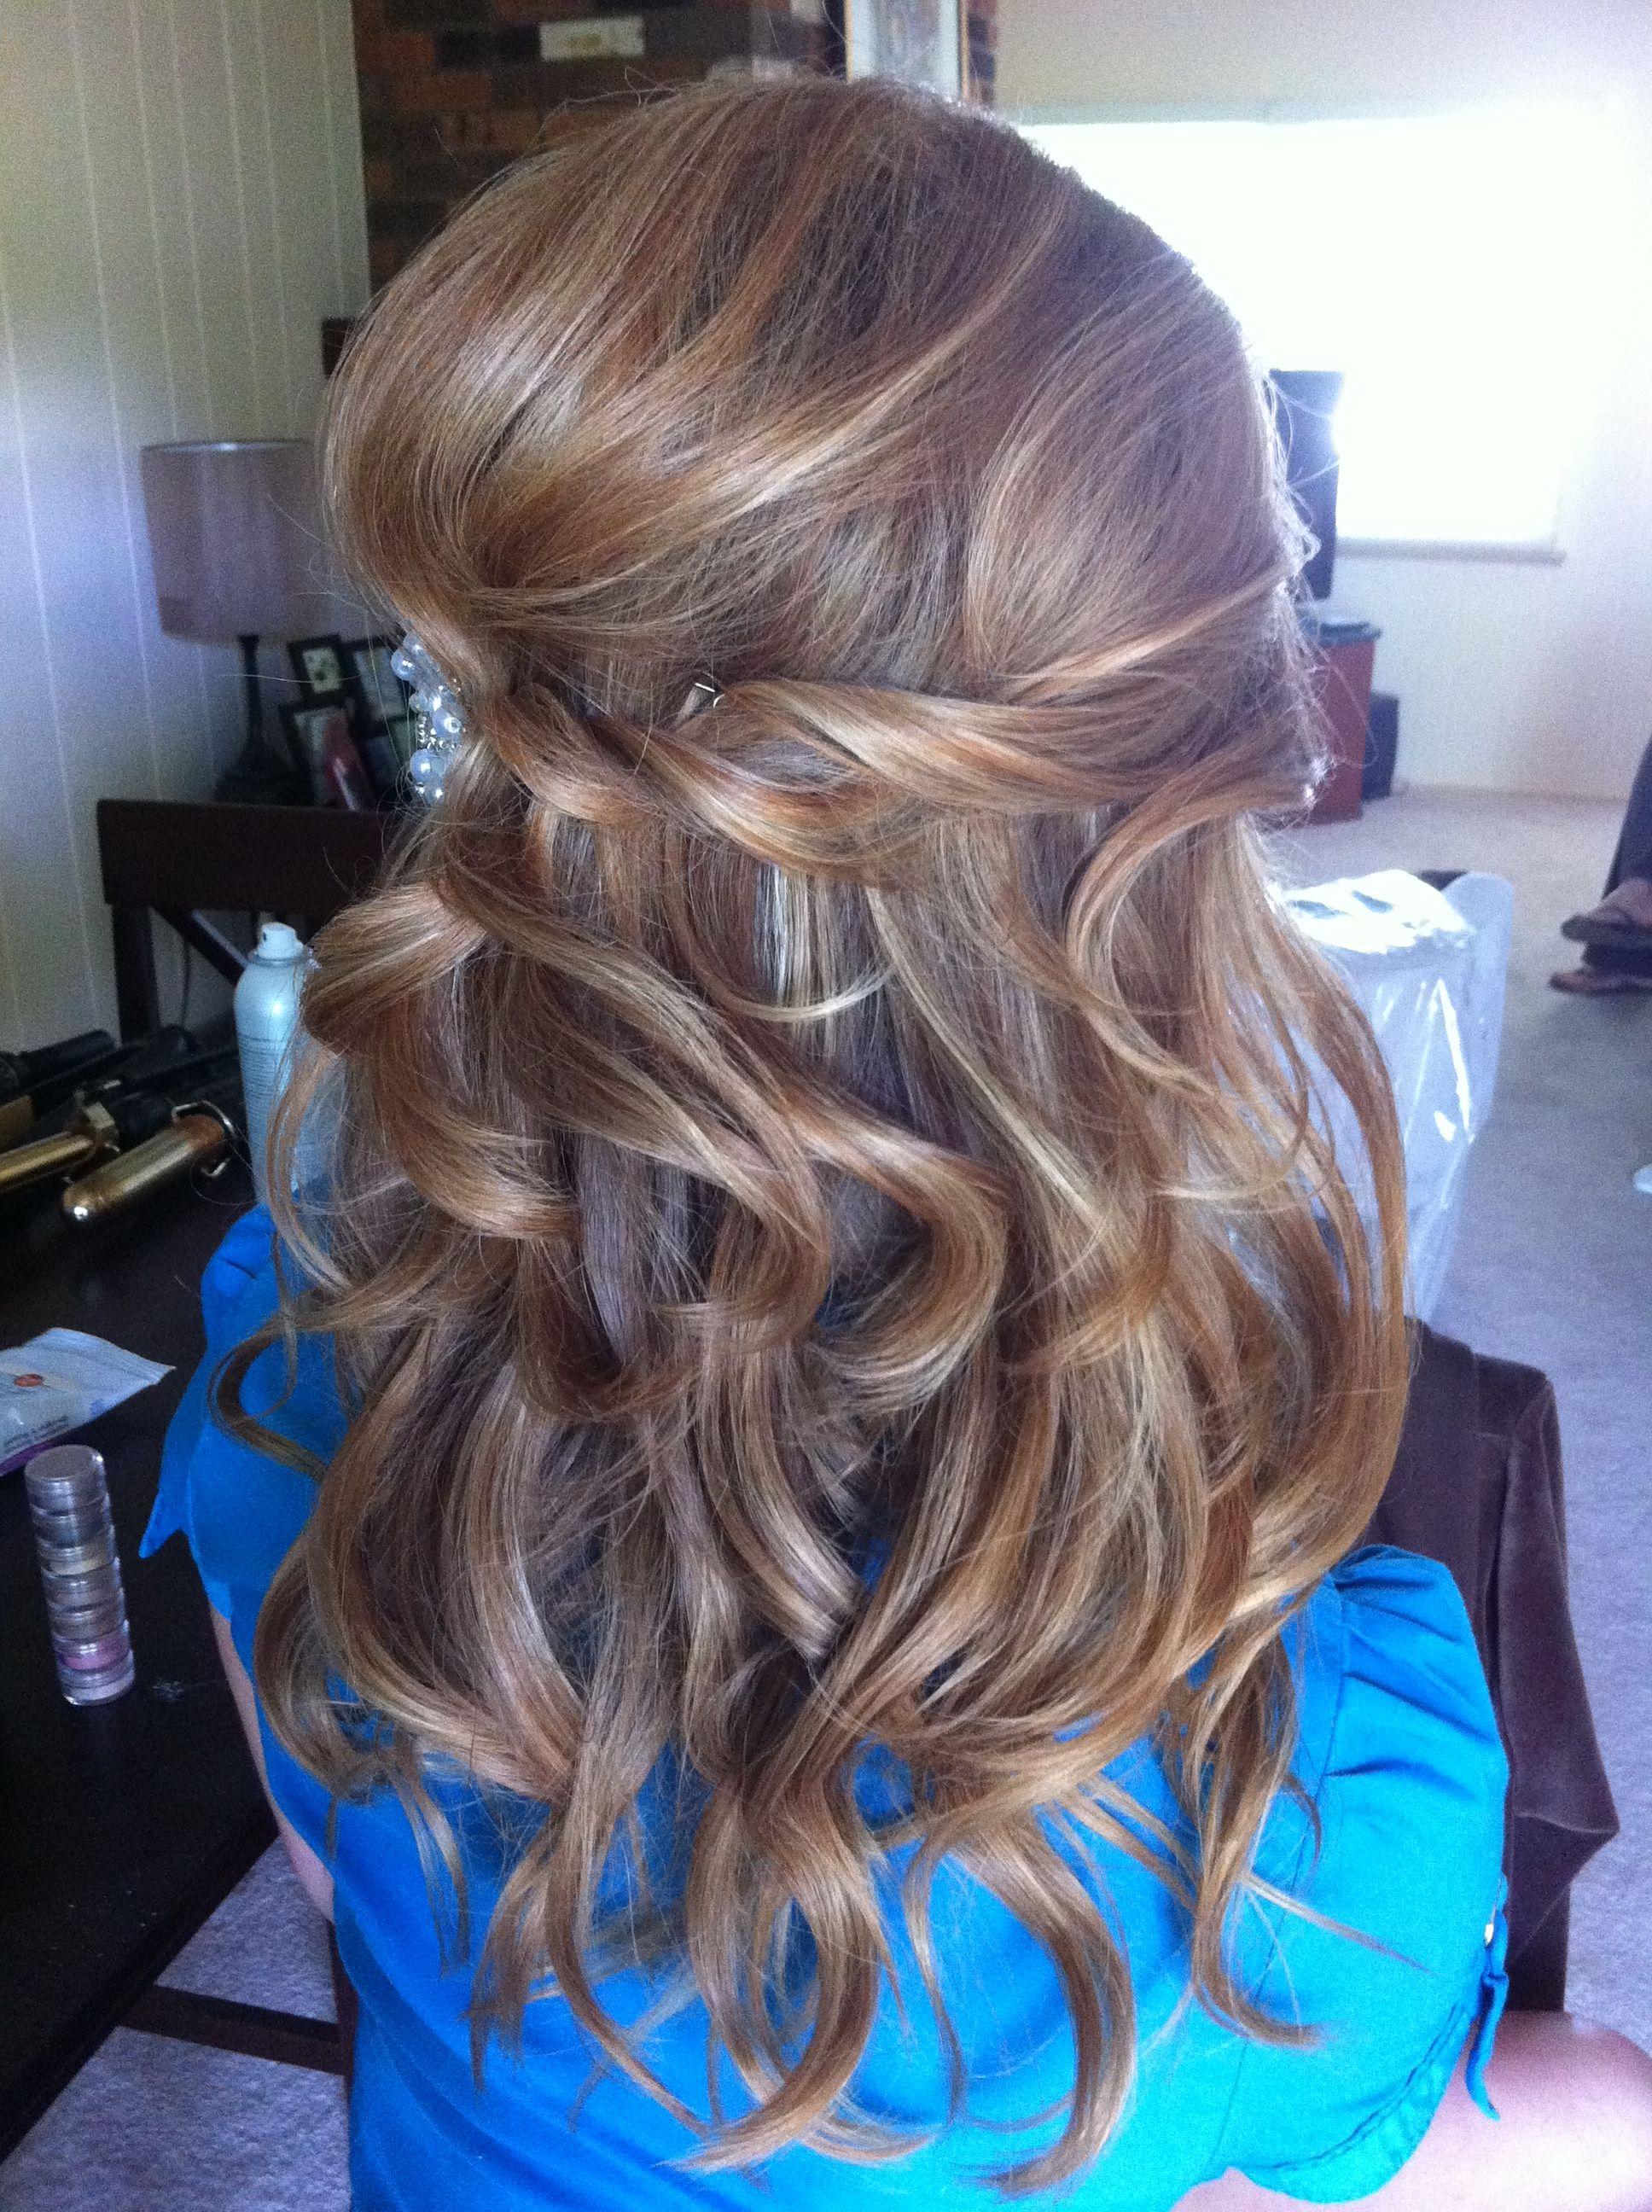 Loose waves w waterfall braid | Loose hairstyles, Hair ...